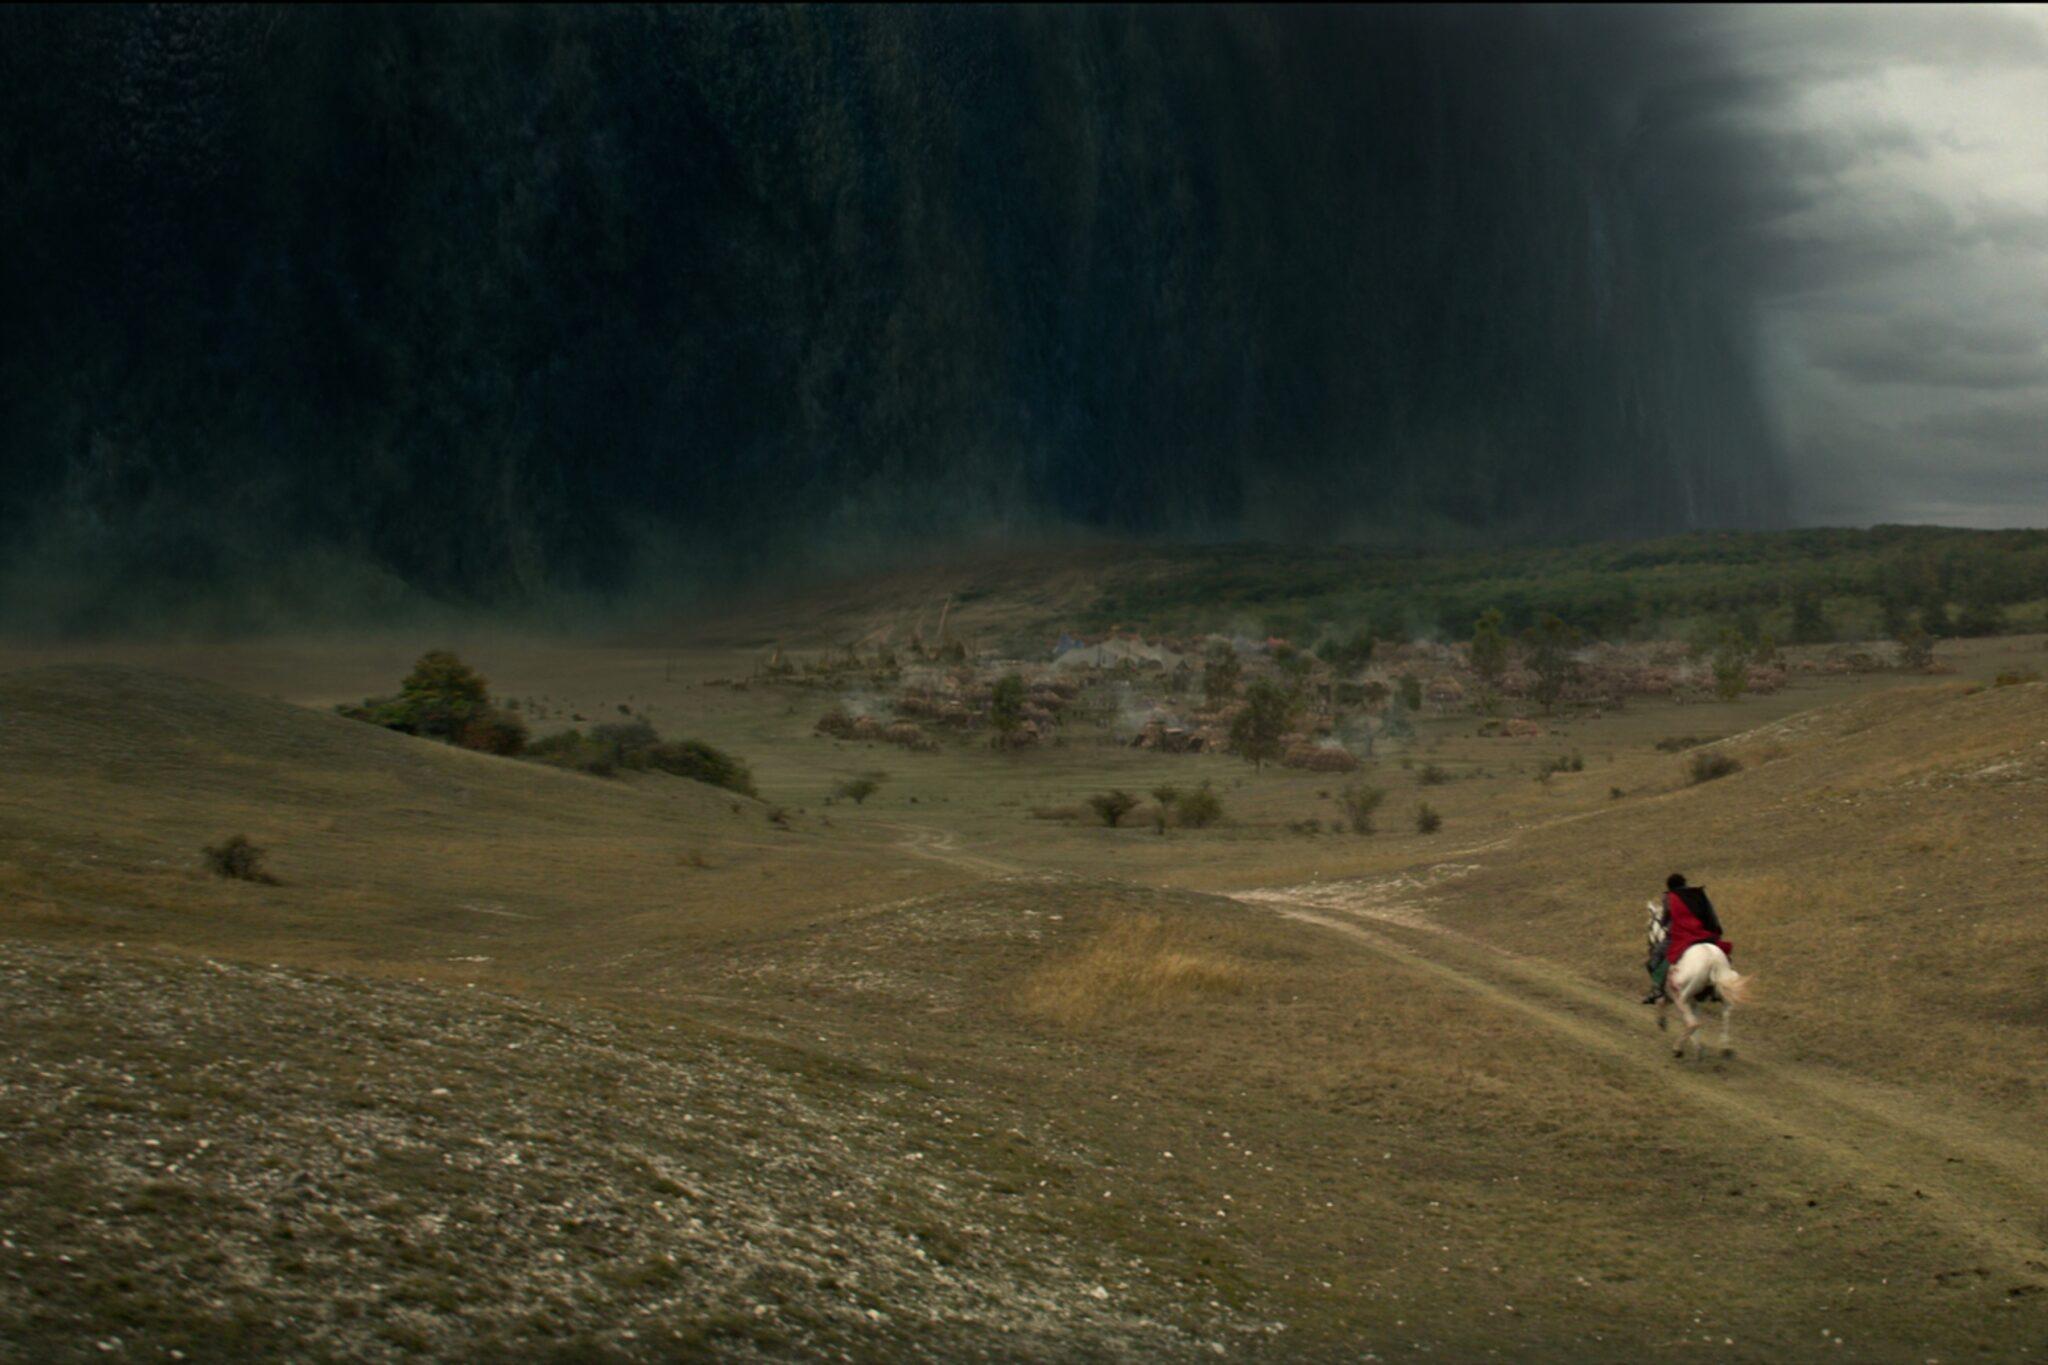 Eine Reiterin mit rotem Umhang auf weißem Pferd reitet in Richtung einer dunklen Nebelwand, der Schattenflur.